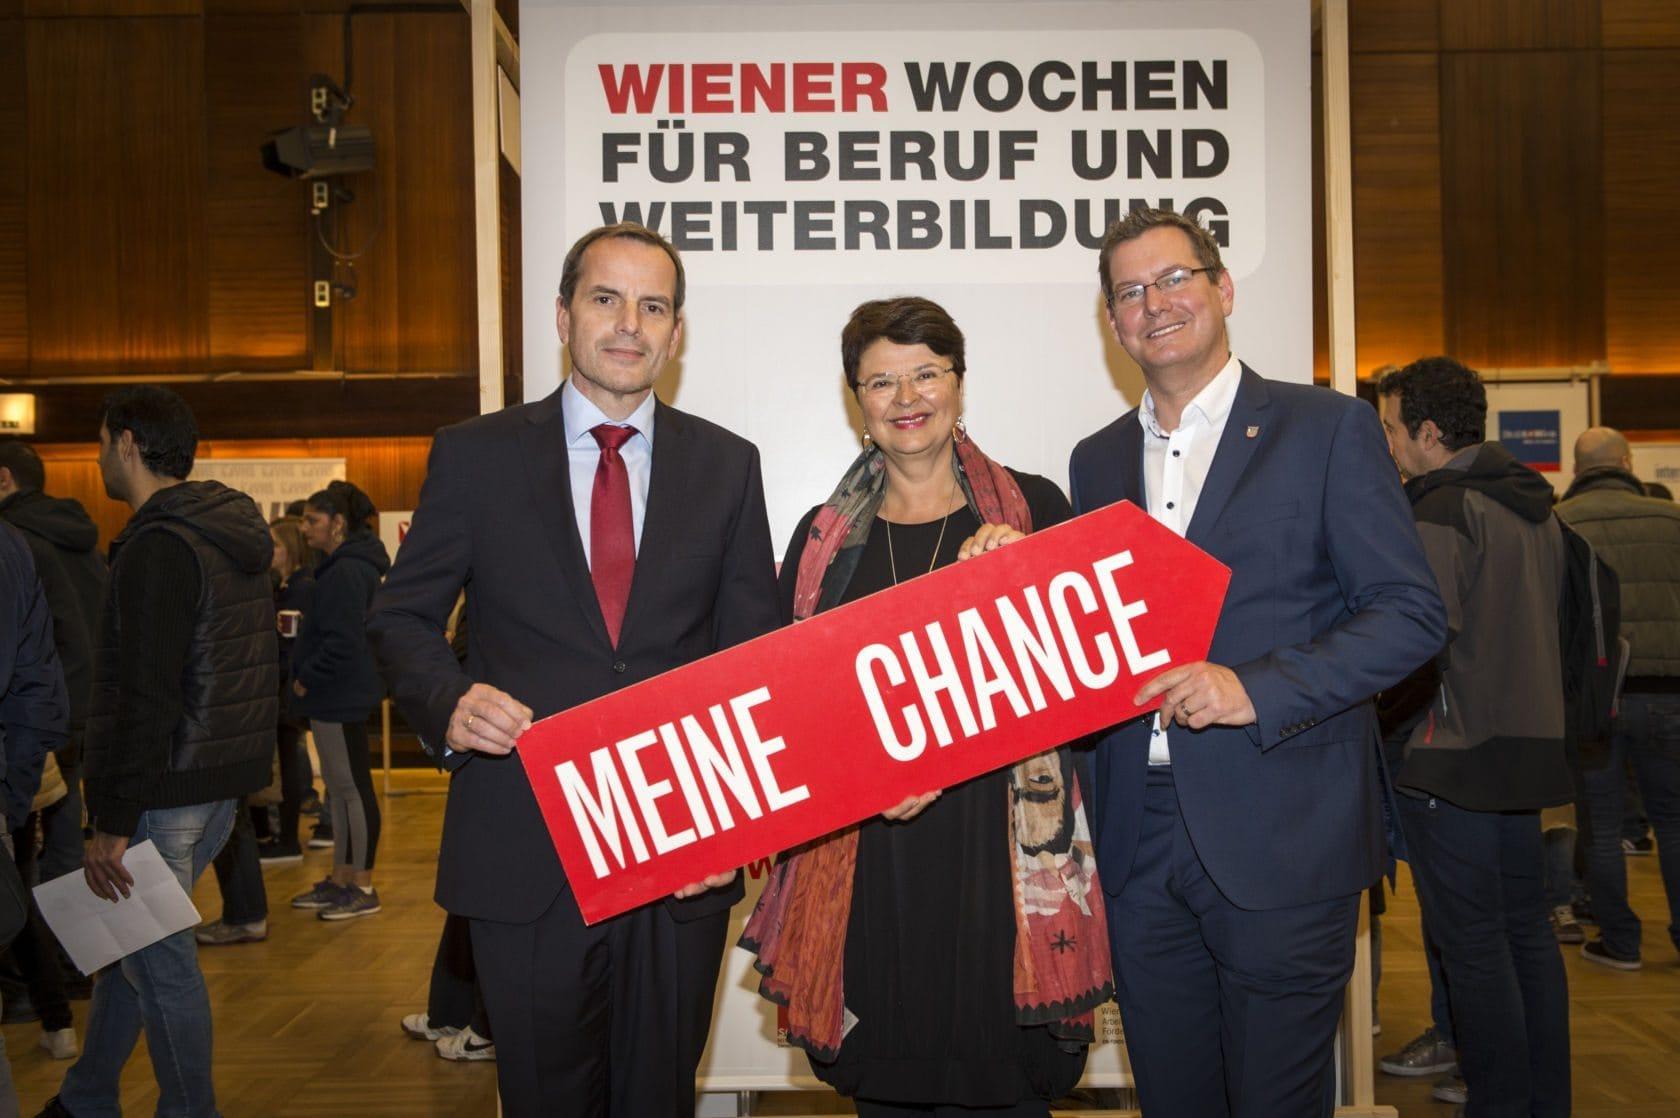 Brauner, Meidlinger und Papai eröffnen die Wiener Wochen für Beruf und Weiterbildung